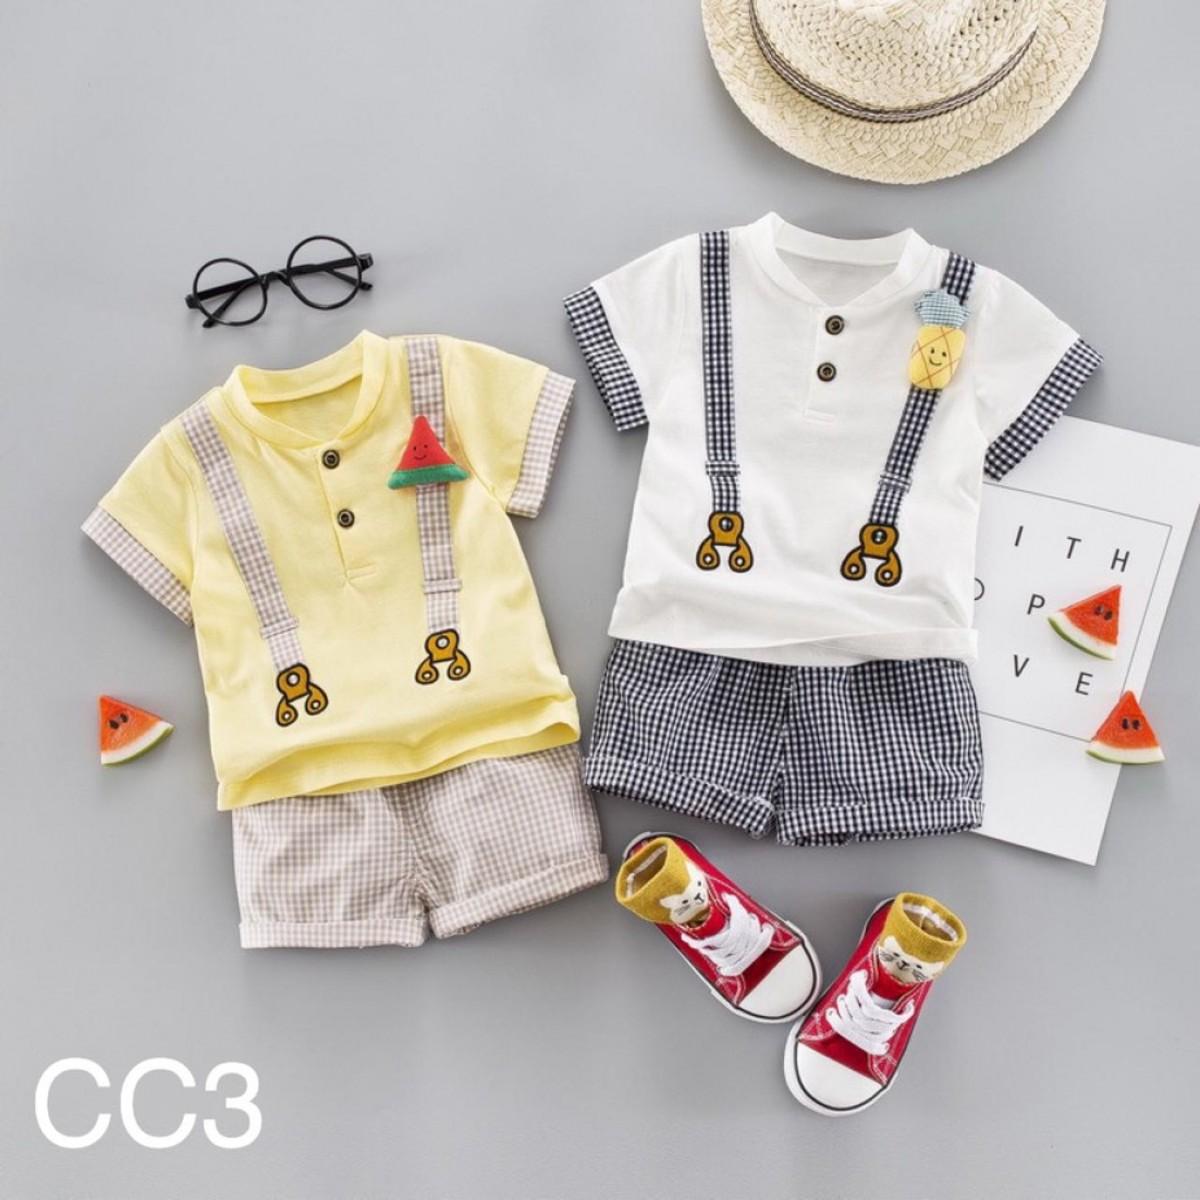 CC3 Setelan Anak Laki-laki 1-3 tahun - Bunda Ina Shop